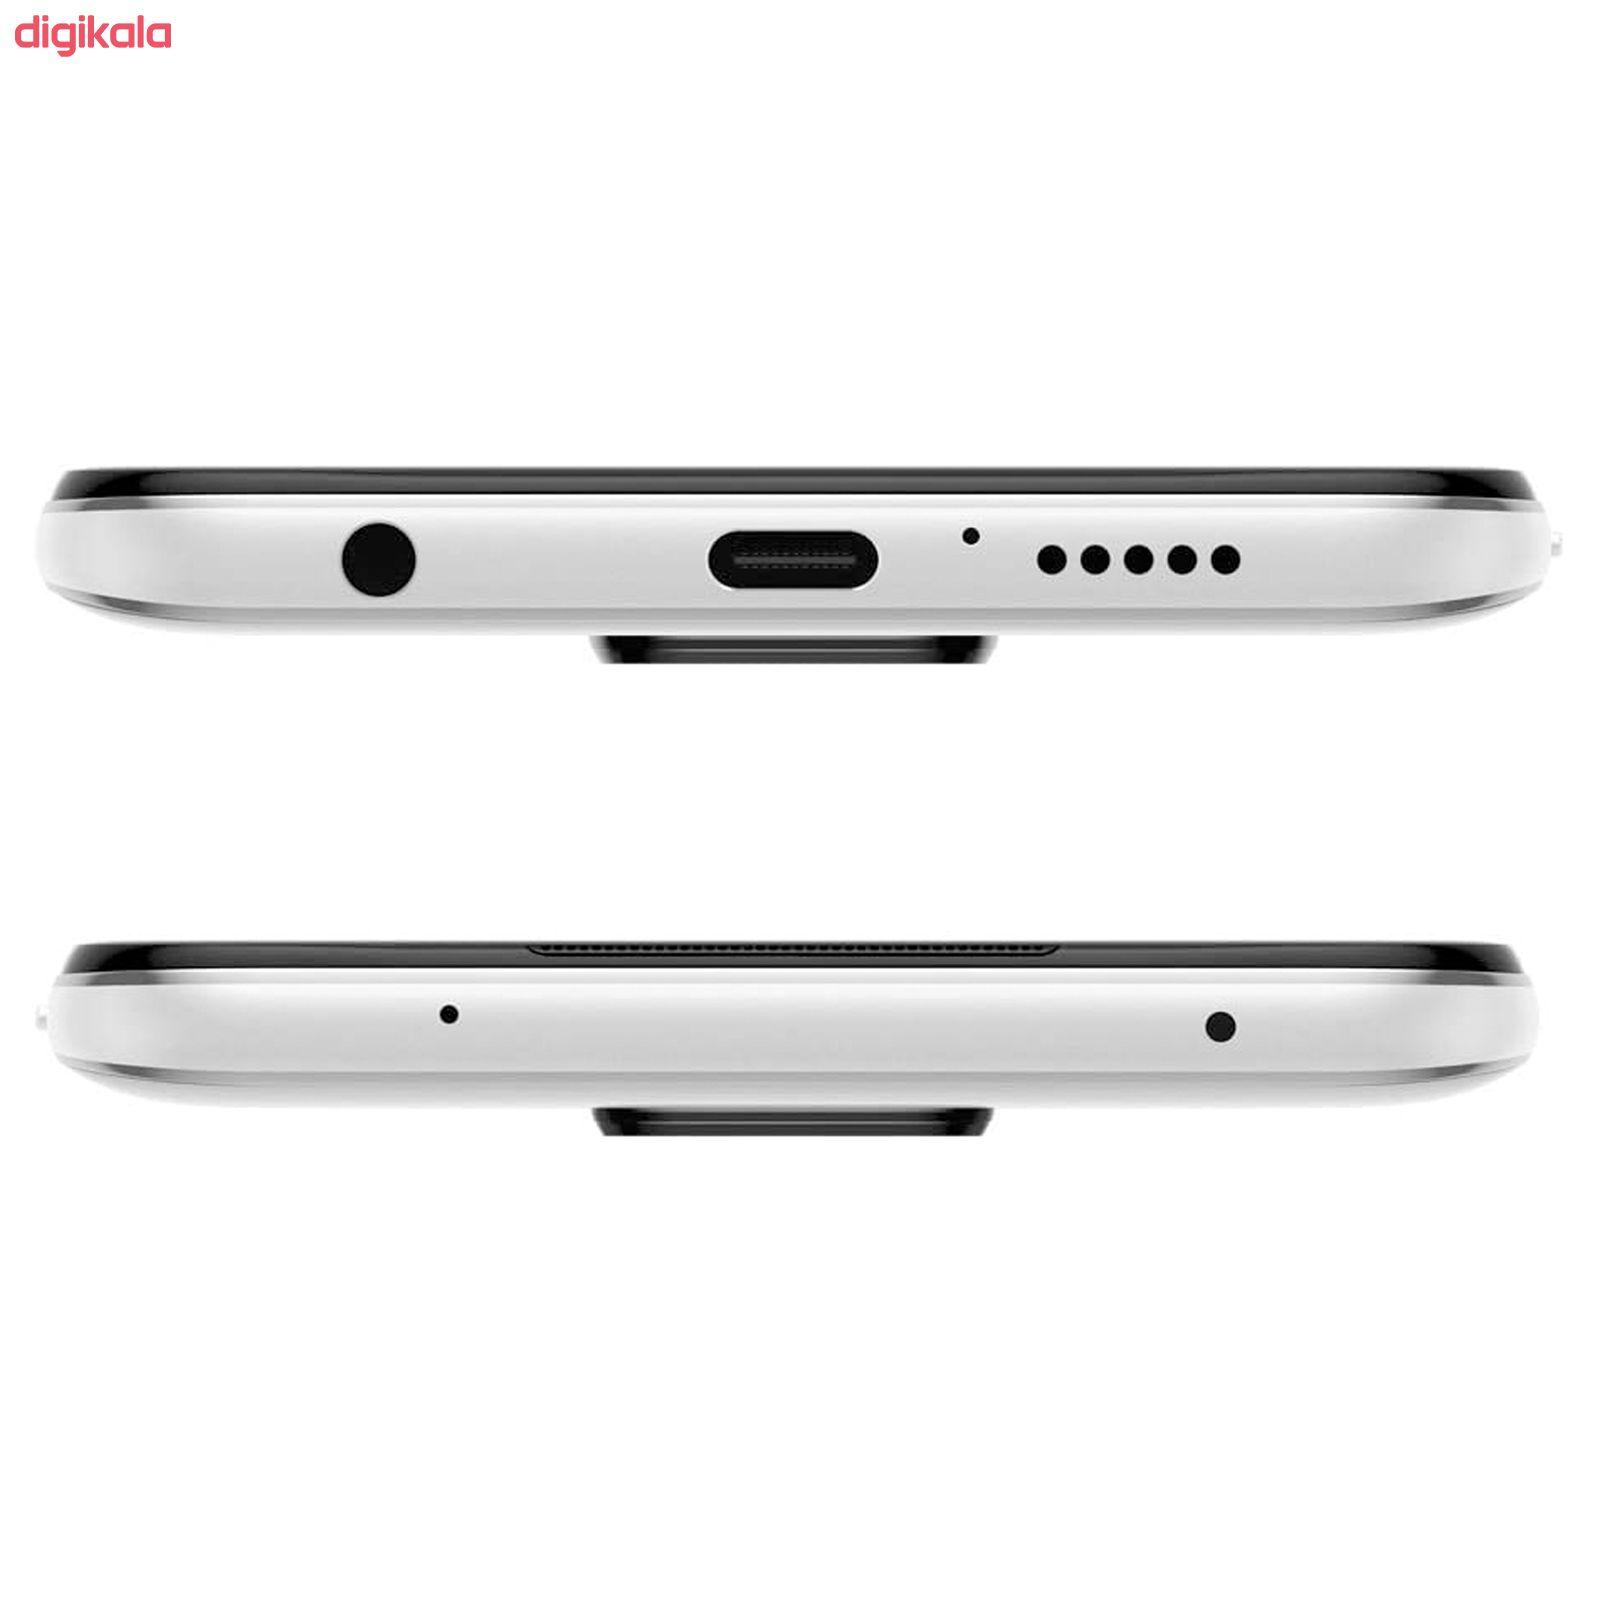 گوشی موبایل شیائومی مدل Redmi Note 9S M2003J6A1G دو سیم کارت ظرفیت 64 گیگابایت  main 1 4